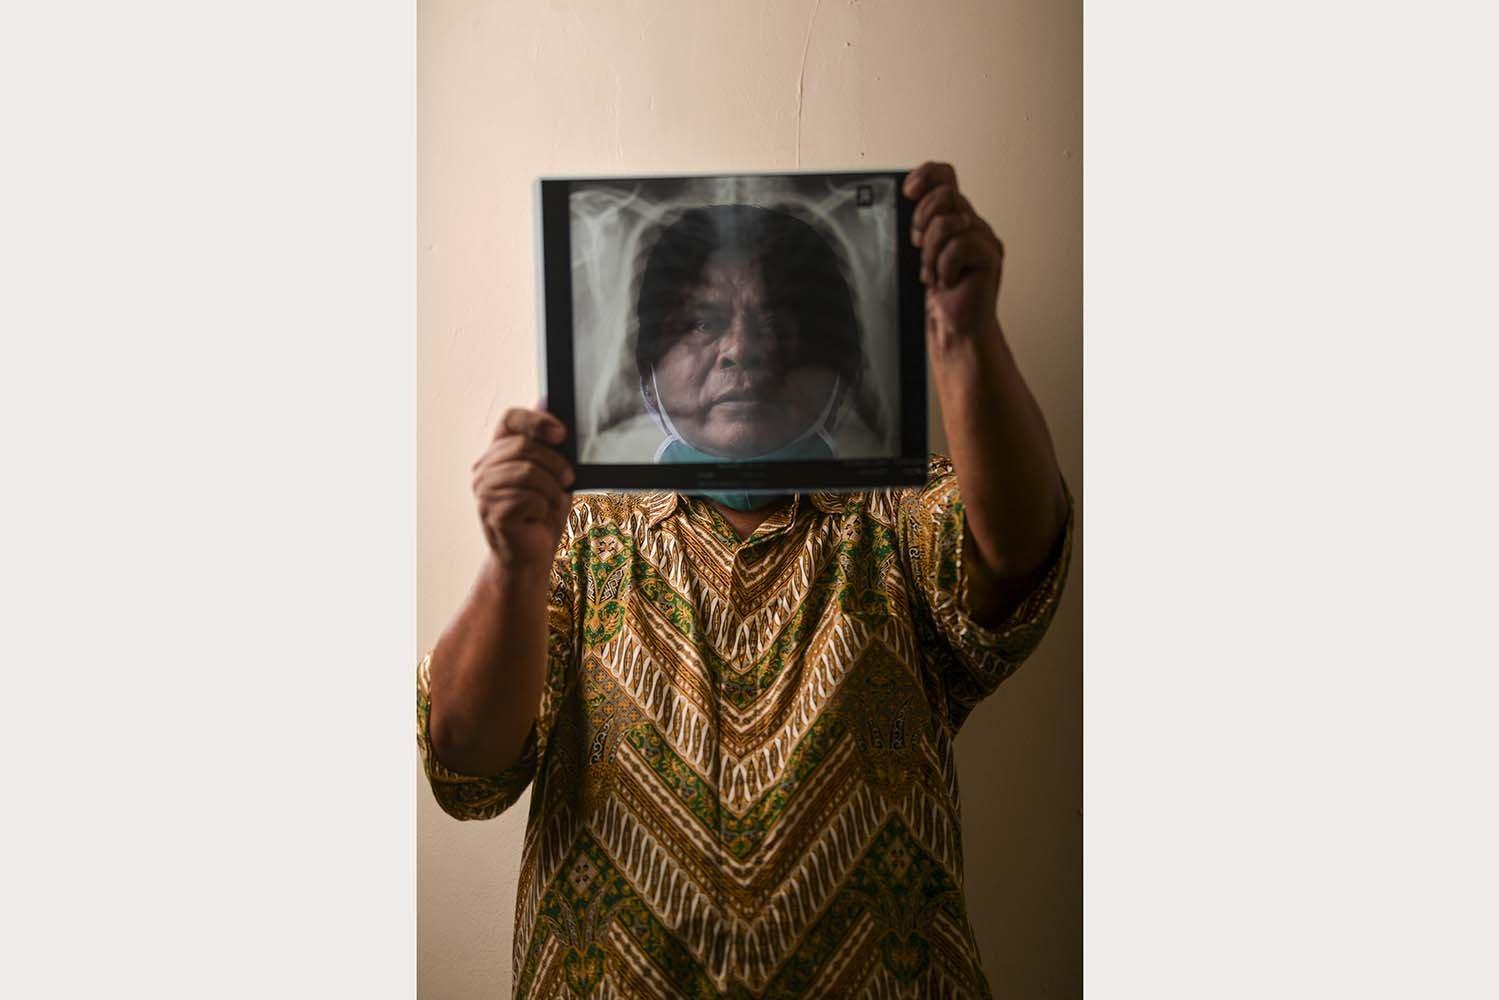 Alben Sitohang (68) menunjukkan hasil rontgen paru-paru miliknya di Jakarta. Wiraswasta itu menjalani isolasi di RS darurat Wisma Atlet selama 22 hari dan dinyatakan negatif pada 19 April 2020.\r\n